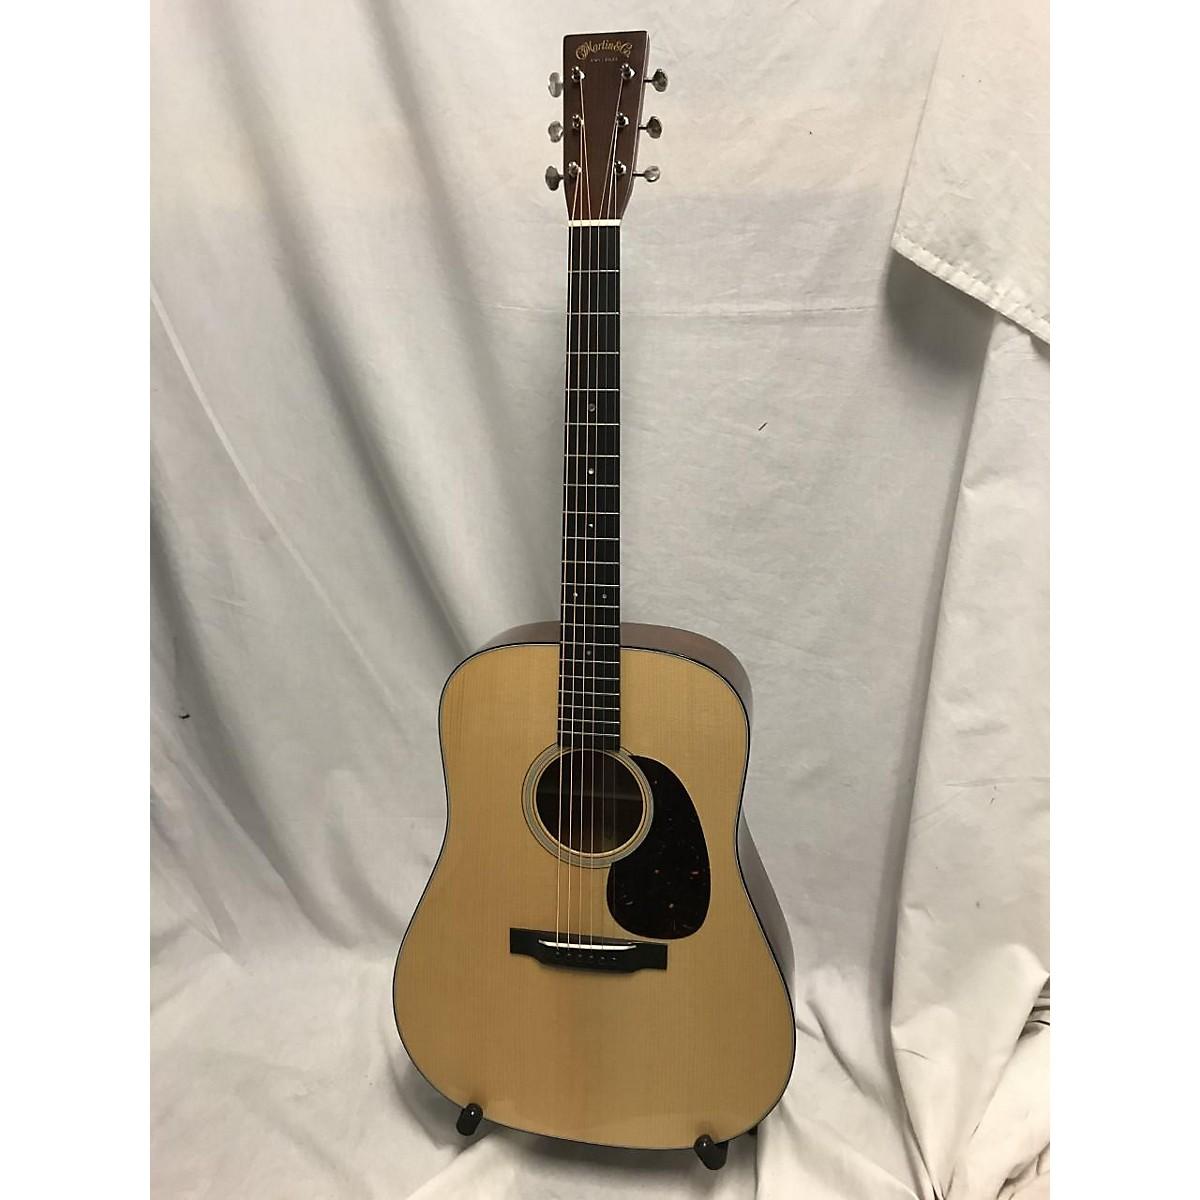 Martin D18 Authentic 1939 VTS Acoustic Guitar